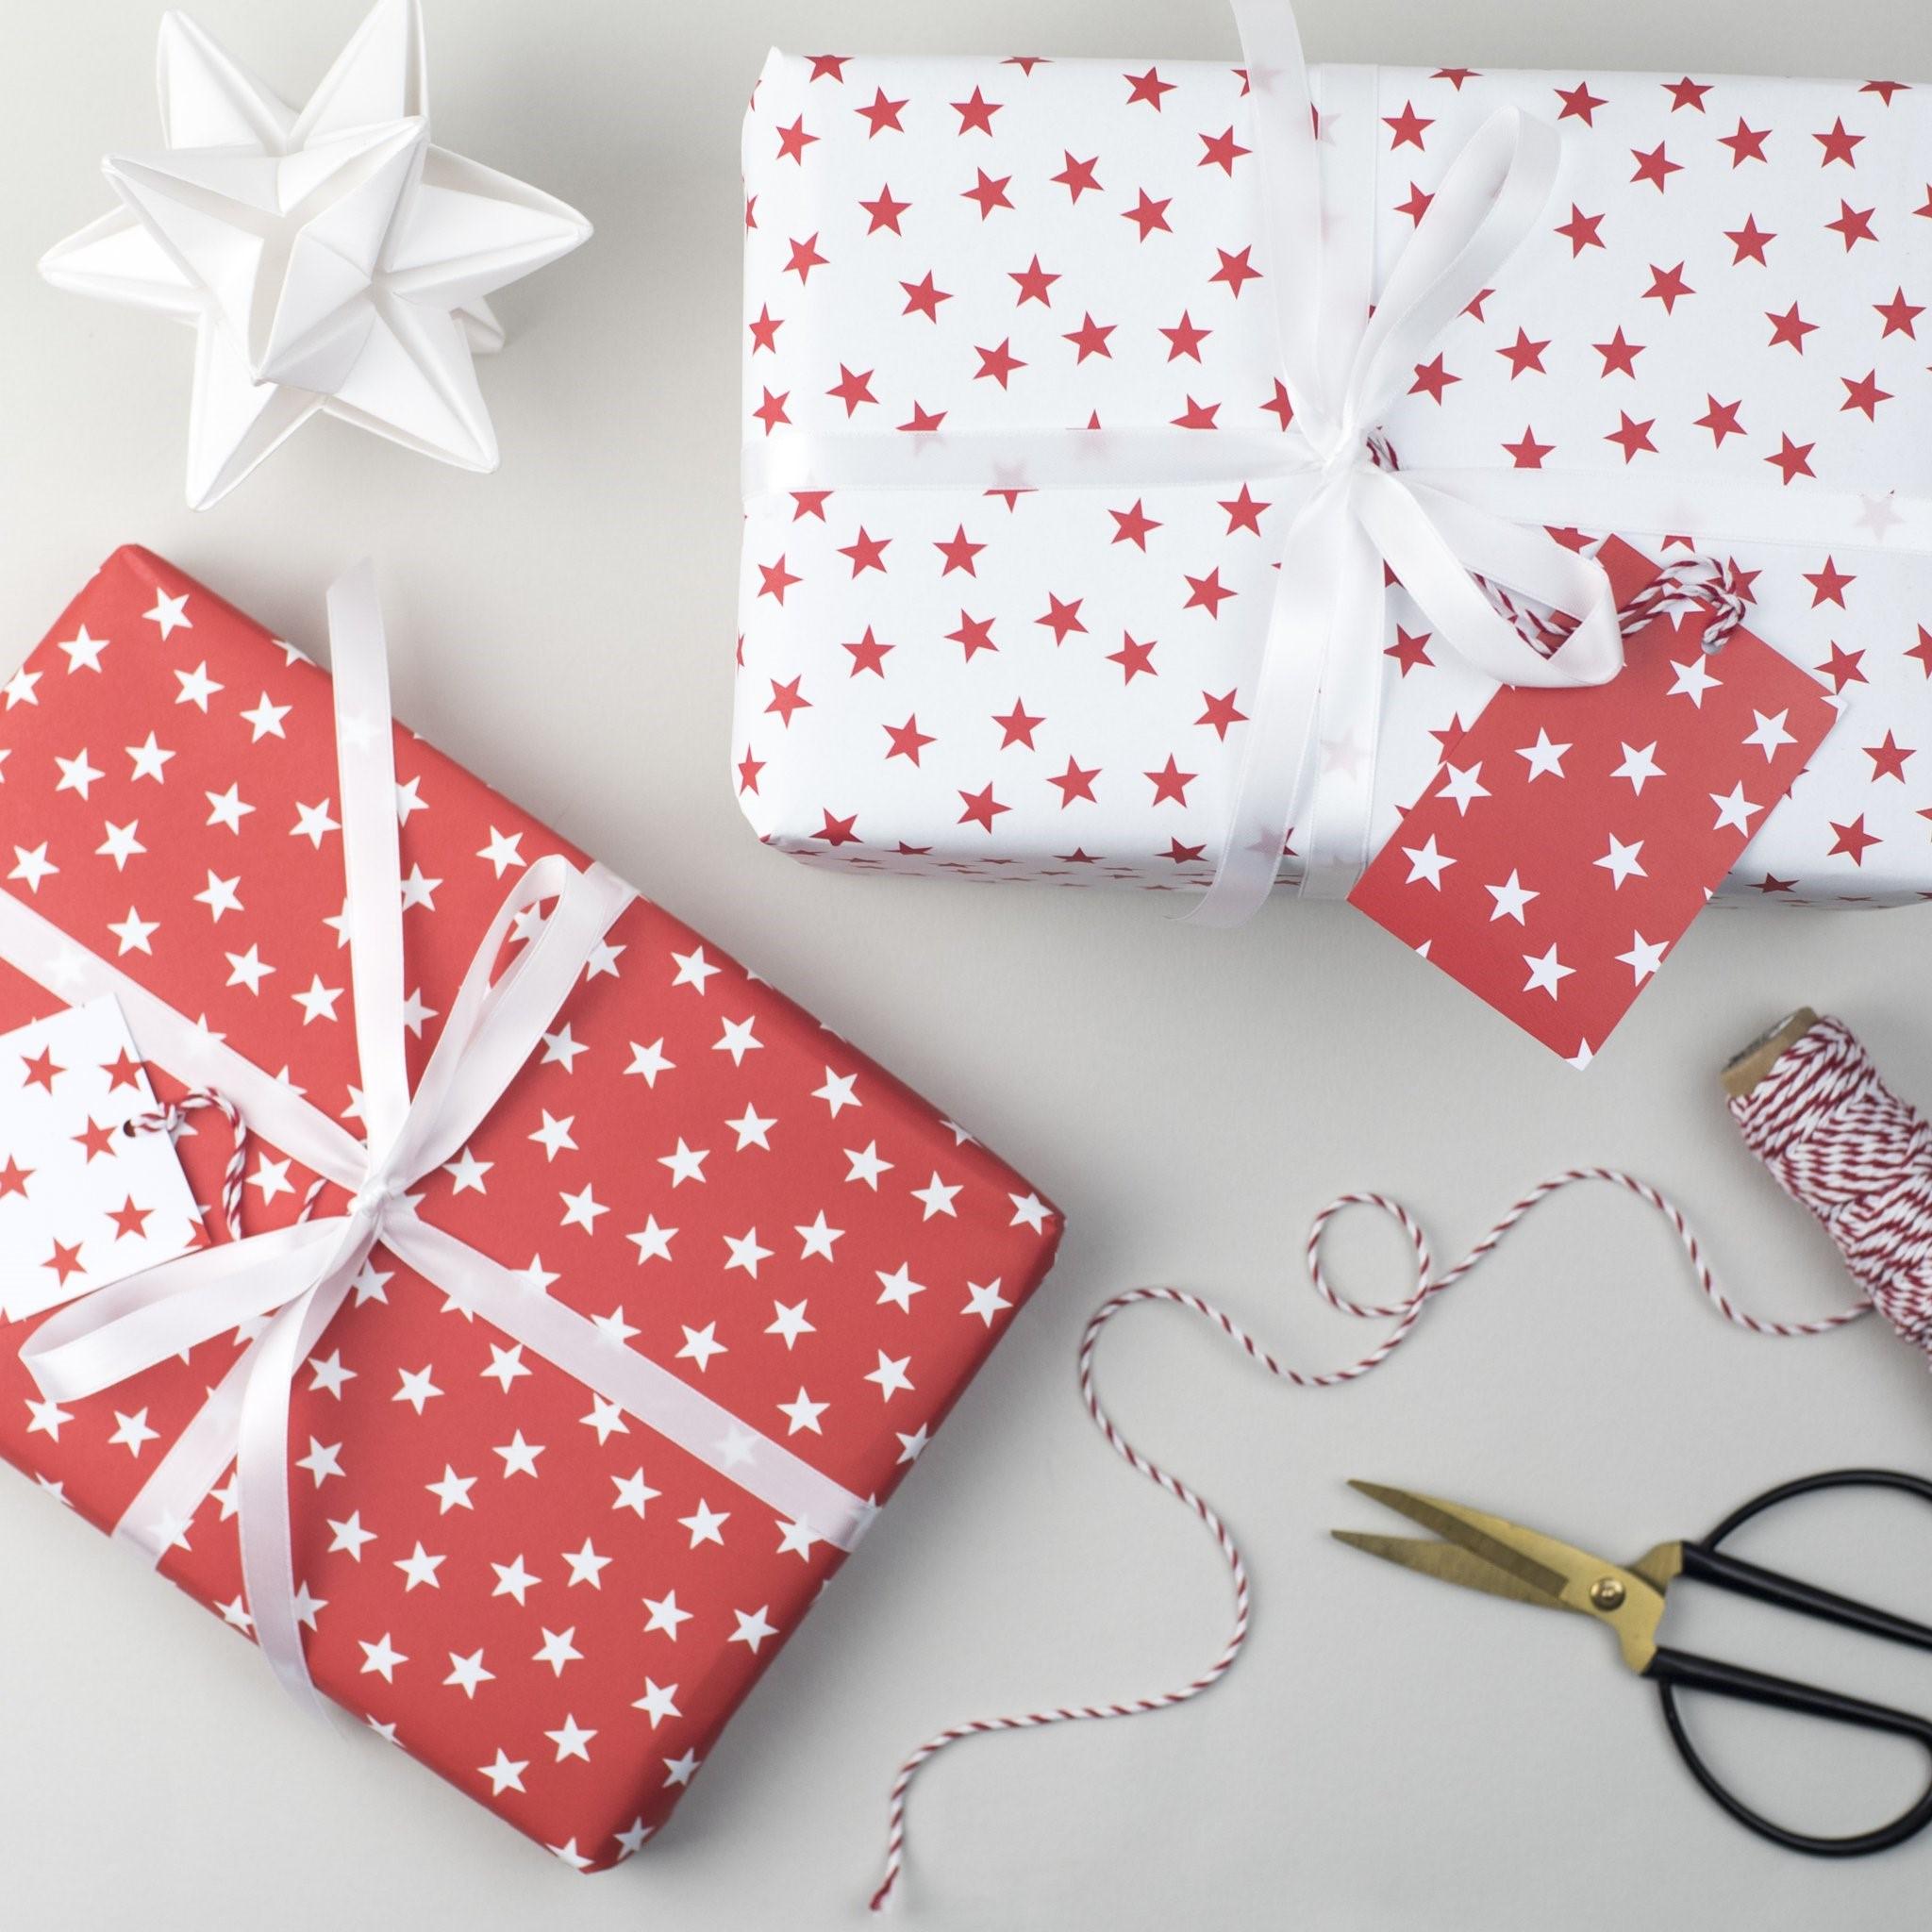 Le papier avec des motifs en étoile est parfait pour l'emballage des cadeaux de Noël.